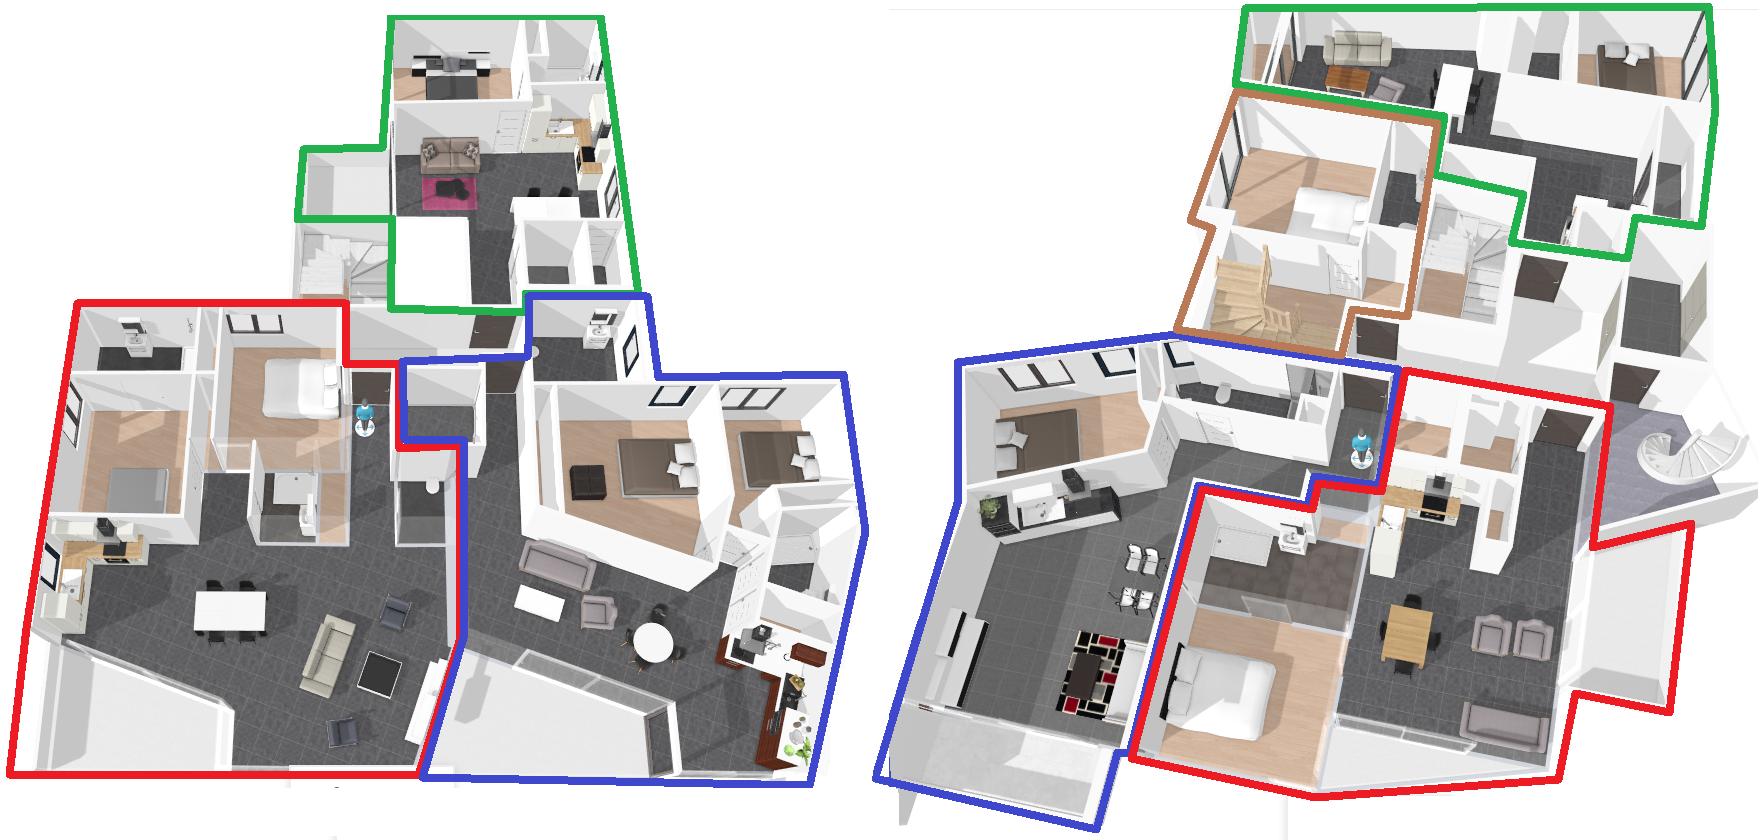 Plan intérieur de niveau - vue de dessus et meublé